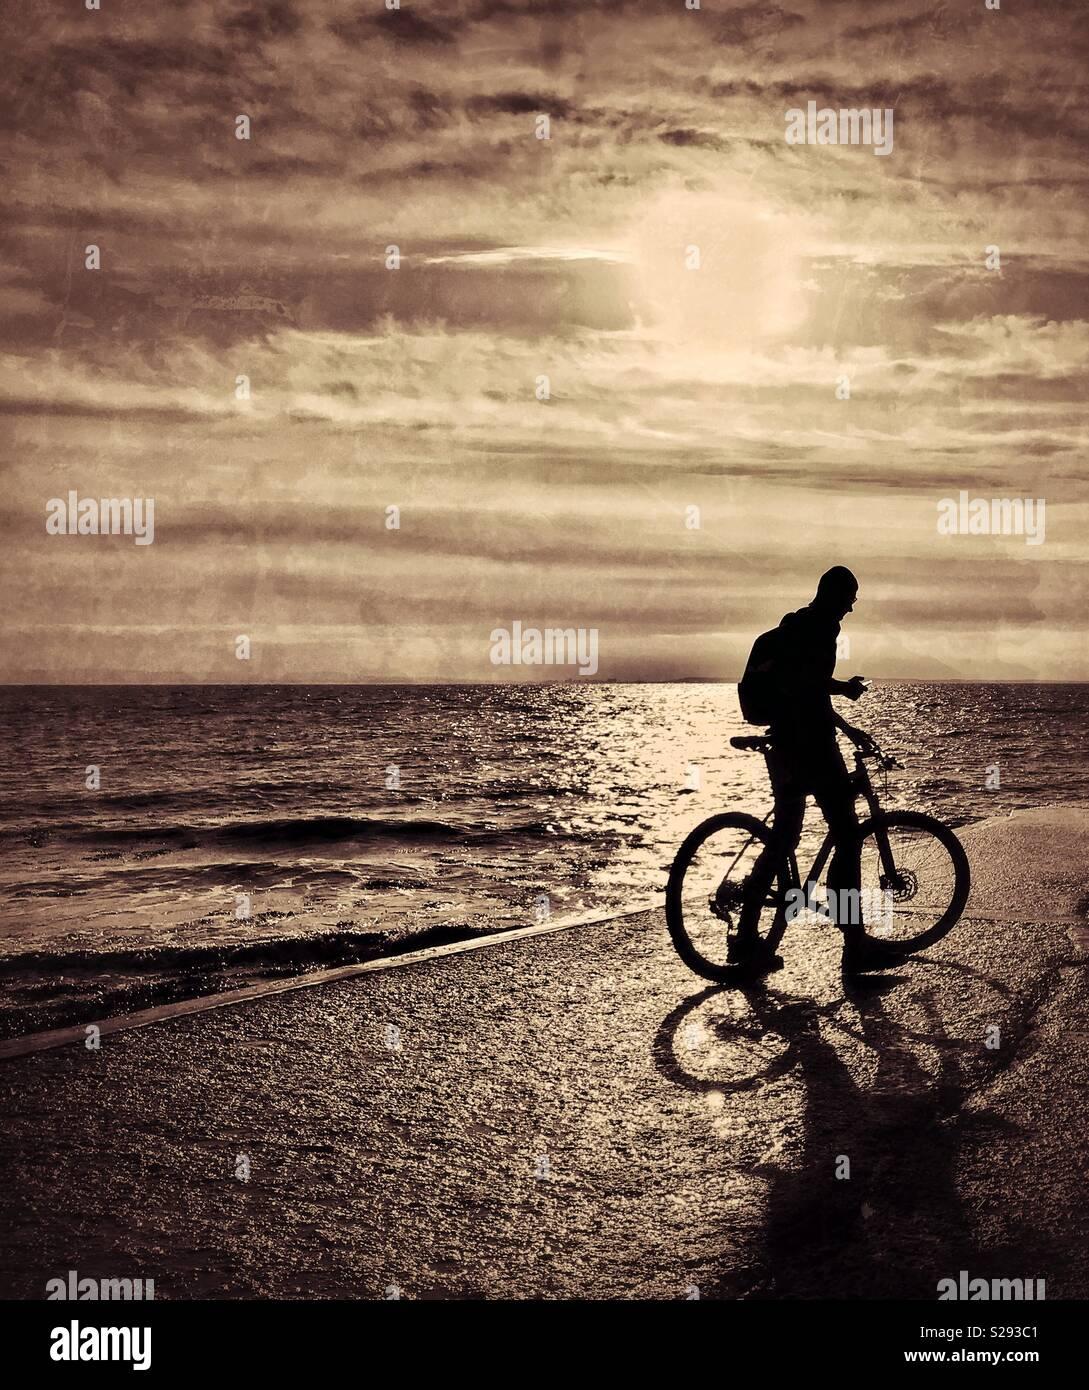 Un ciclista solitario controlla la sua mano dispositivo elettronico accanto al bordo delle acque al tramonto. Un immagine atmosferica con molteplici usi potenziali. Credito foto - © COLIN HOSKINS. Immagini Stock